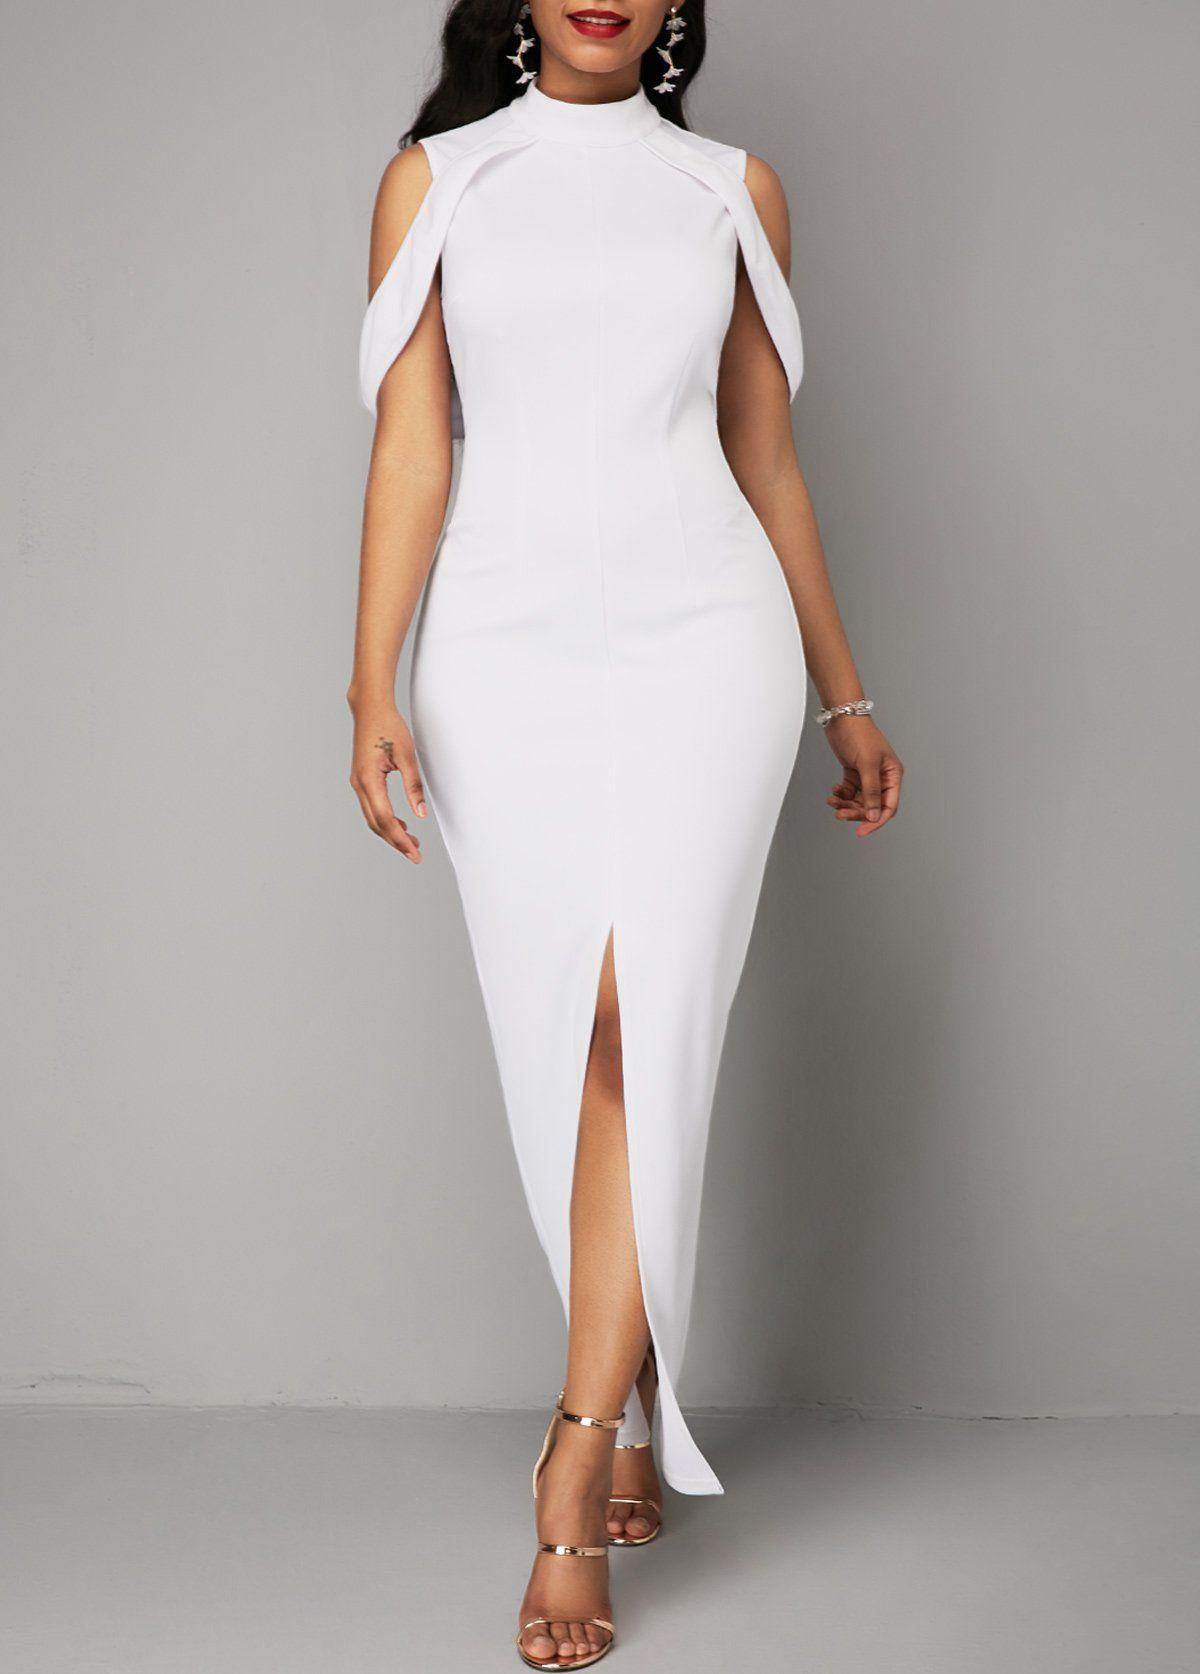 4bd9ab1a86 Cold Shoulder White Front Slit Zipper Back Dress in 2019 ...